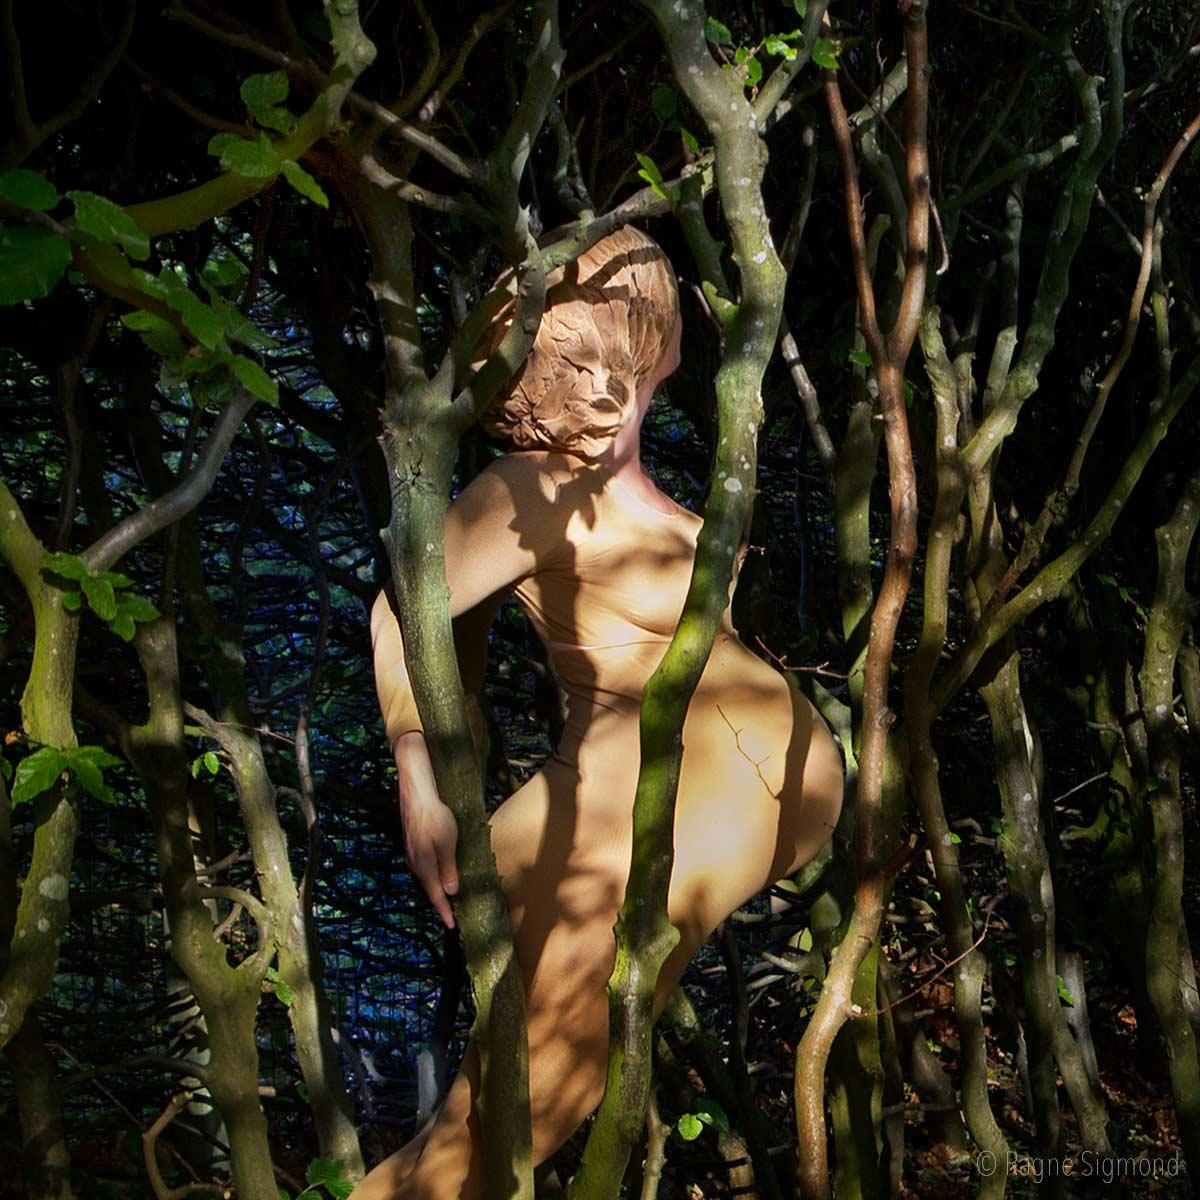 camouflage_Ragne-Sigmond